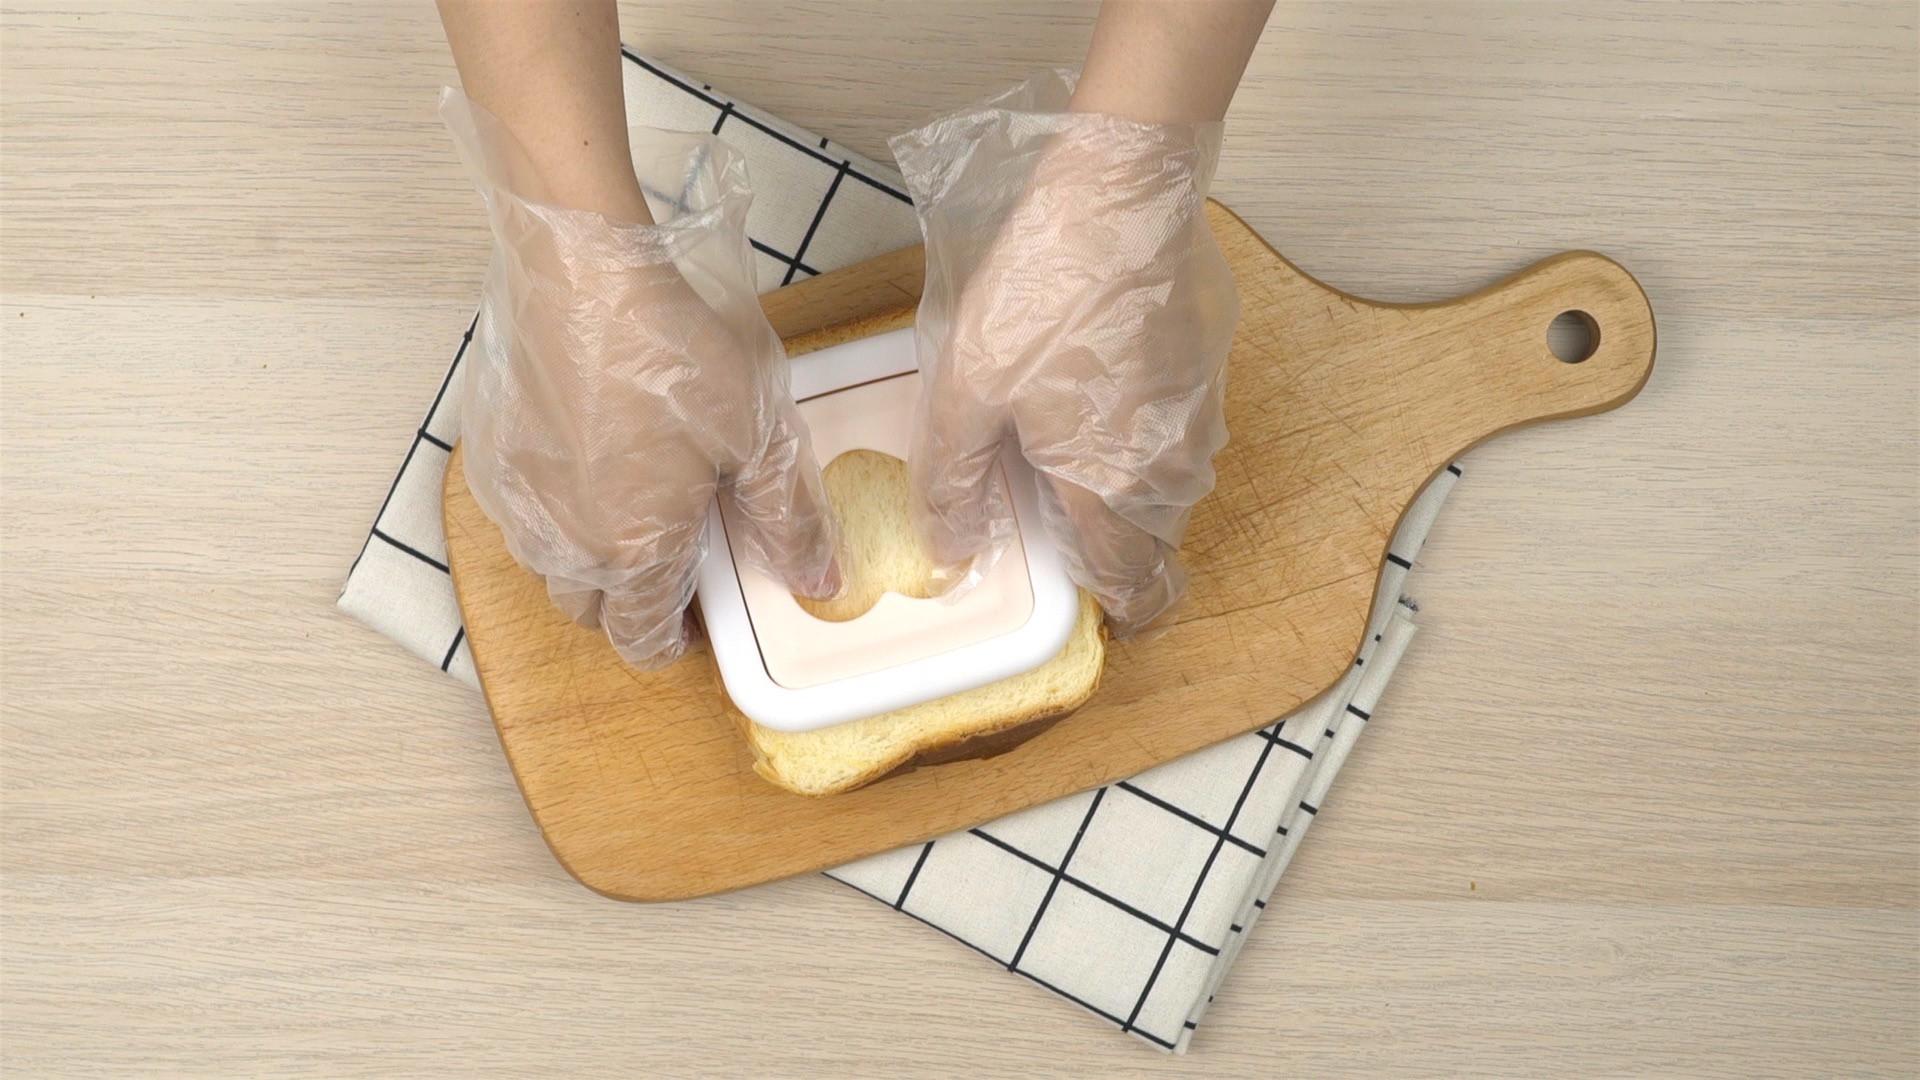 Bánh trân châu đường đen xưa rồi có món mới còn ngon và dễ làm hơn nhiều - Ảnh 4